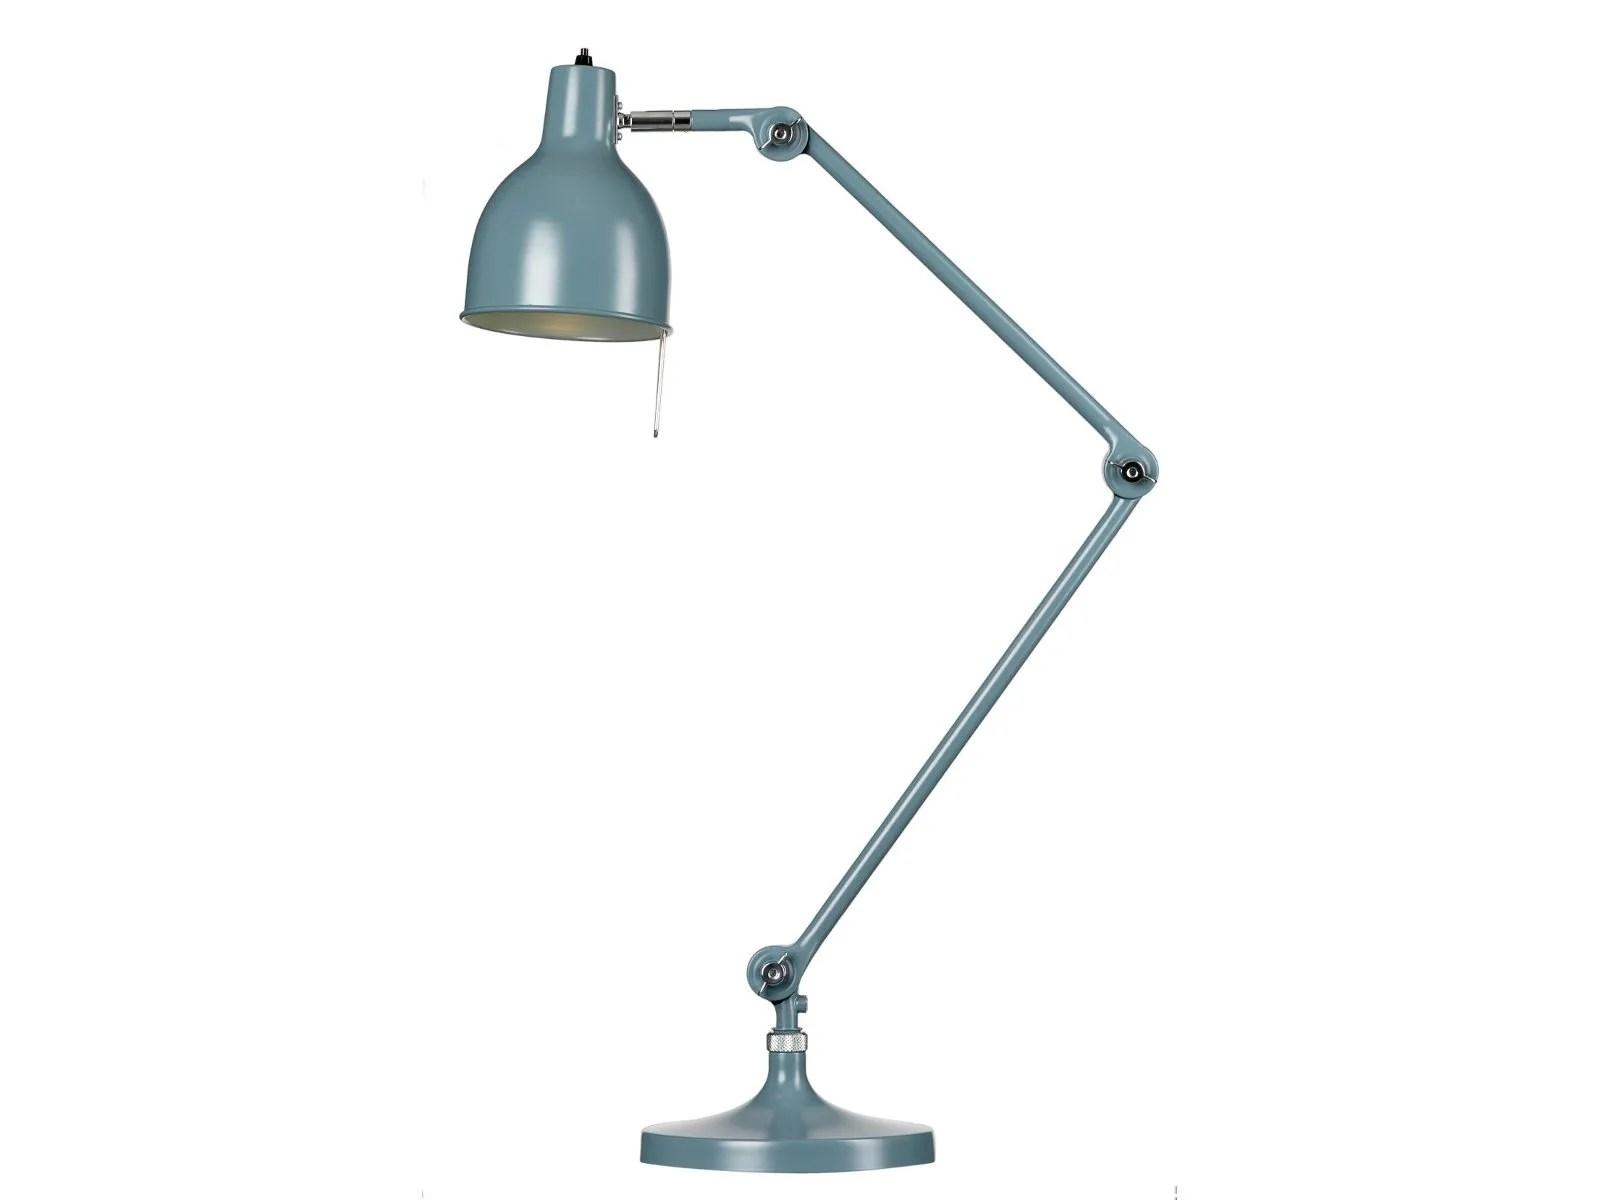 Lampada Da Tavolo In Metallo Smaltato Con Braccio